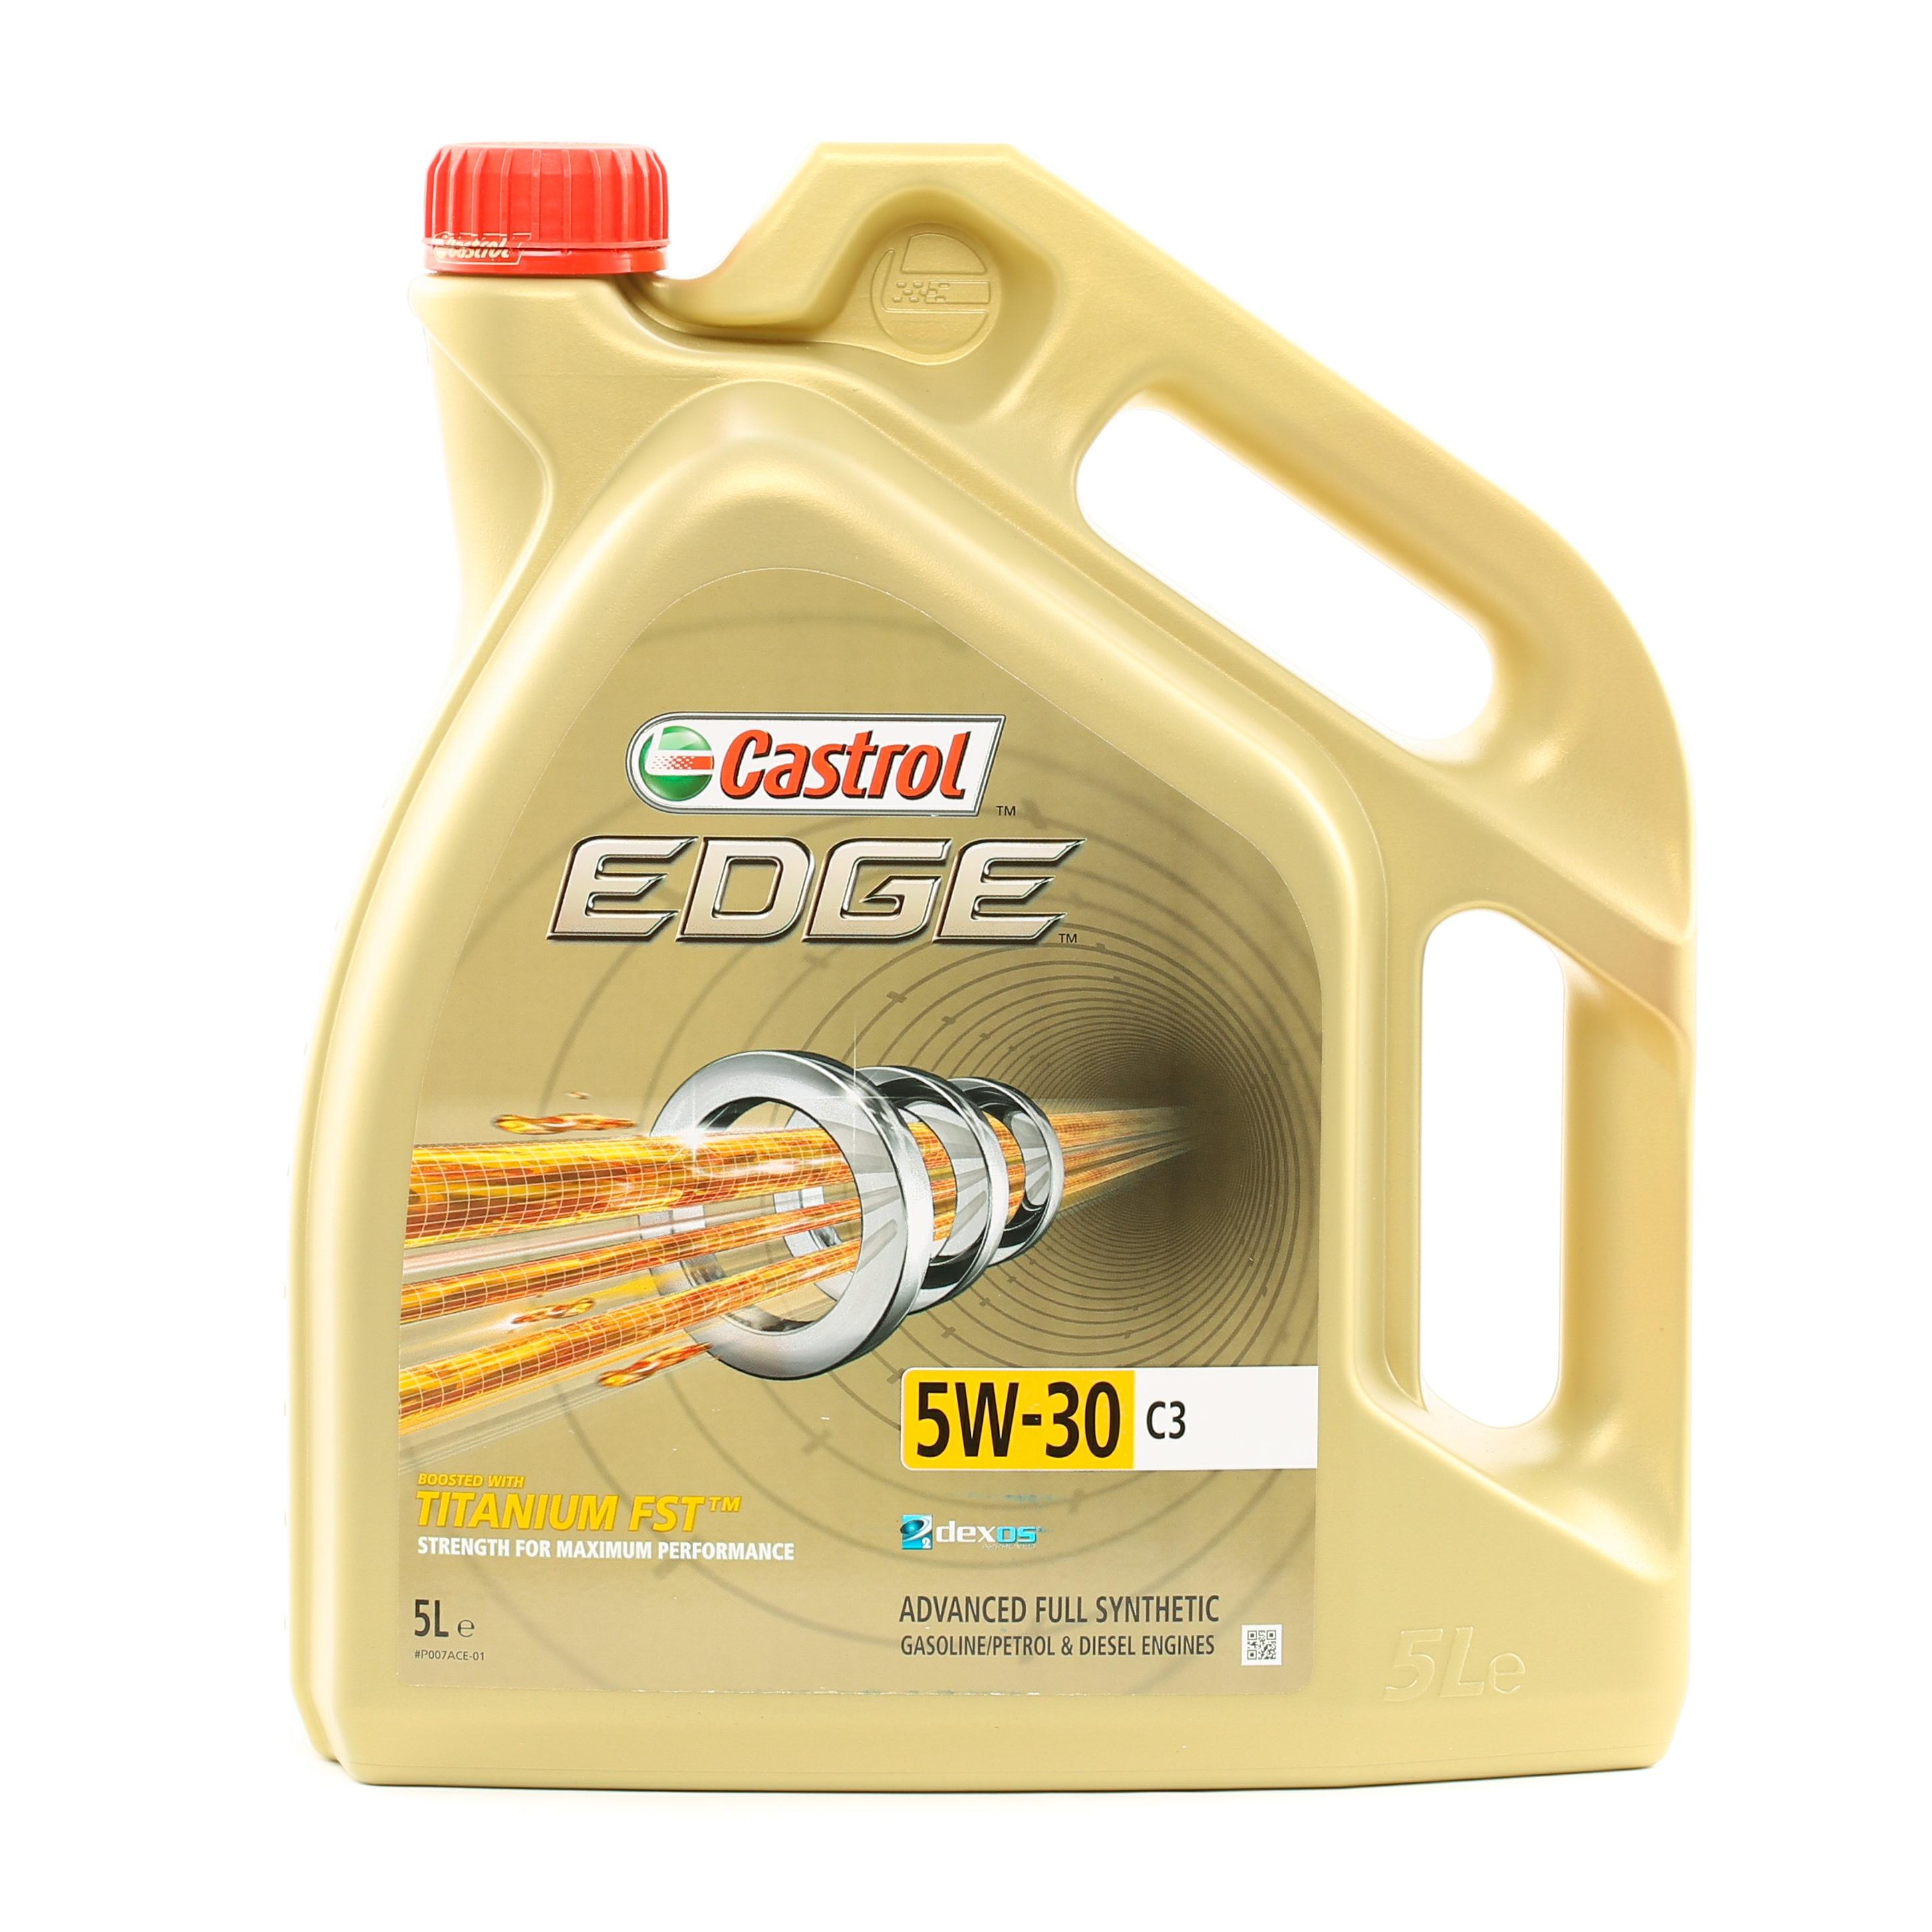 Achat de VW50501 CASTROL EDGE, C3 5W-30, 5I, Huile entièrement synthétique Huile moteur 1552FC pas chères